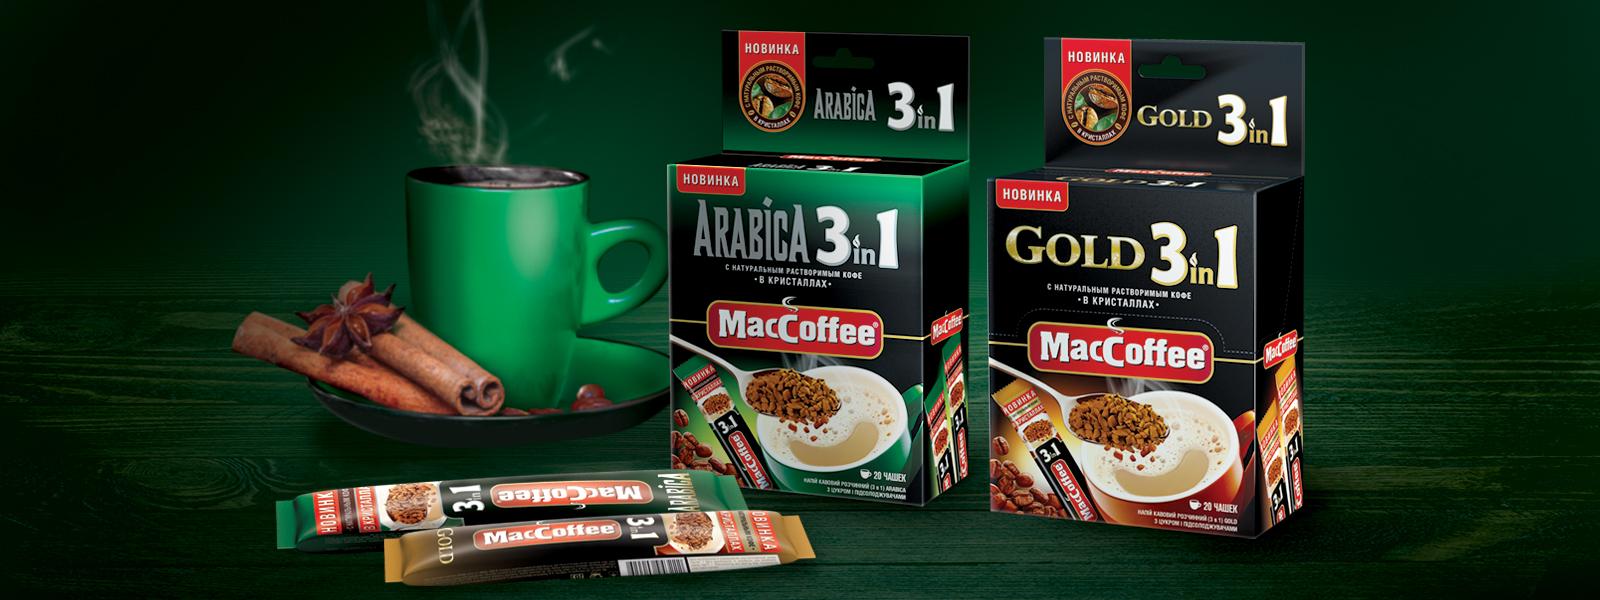 Секреты популярности недорогого растворимого кофе Maccoffee